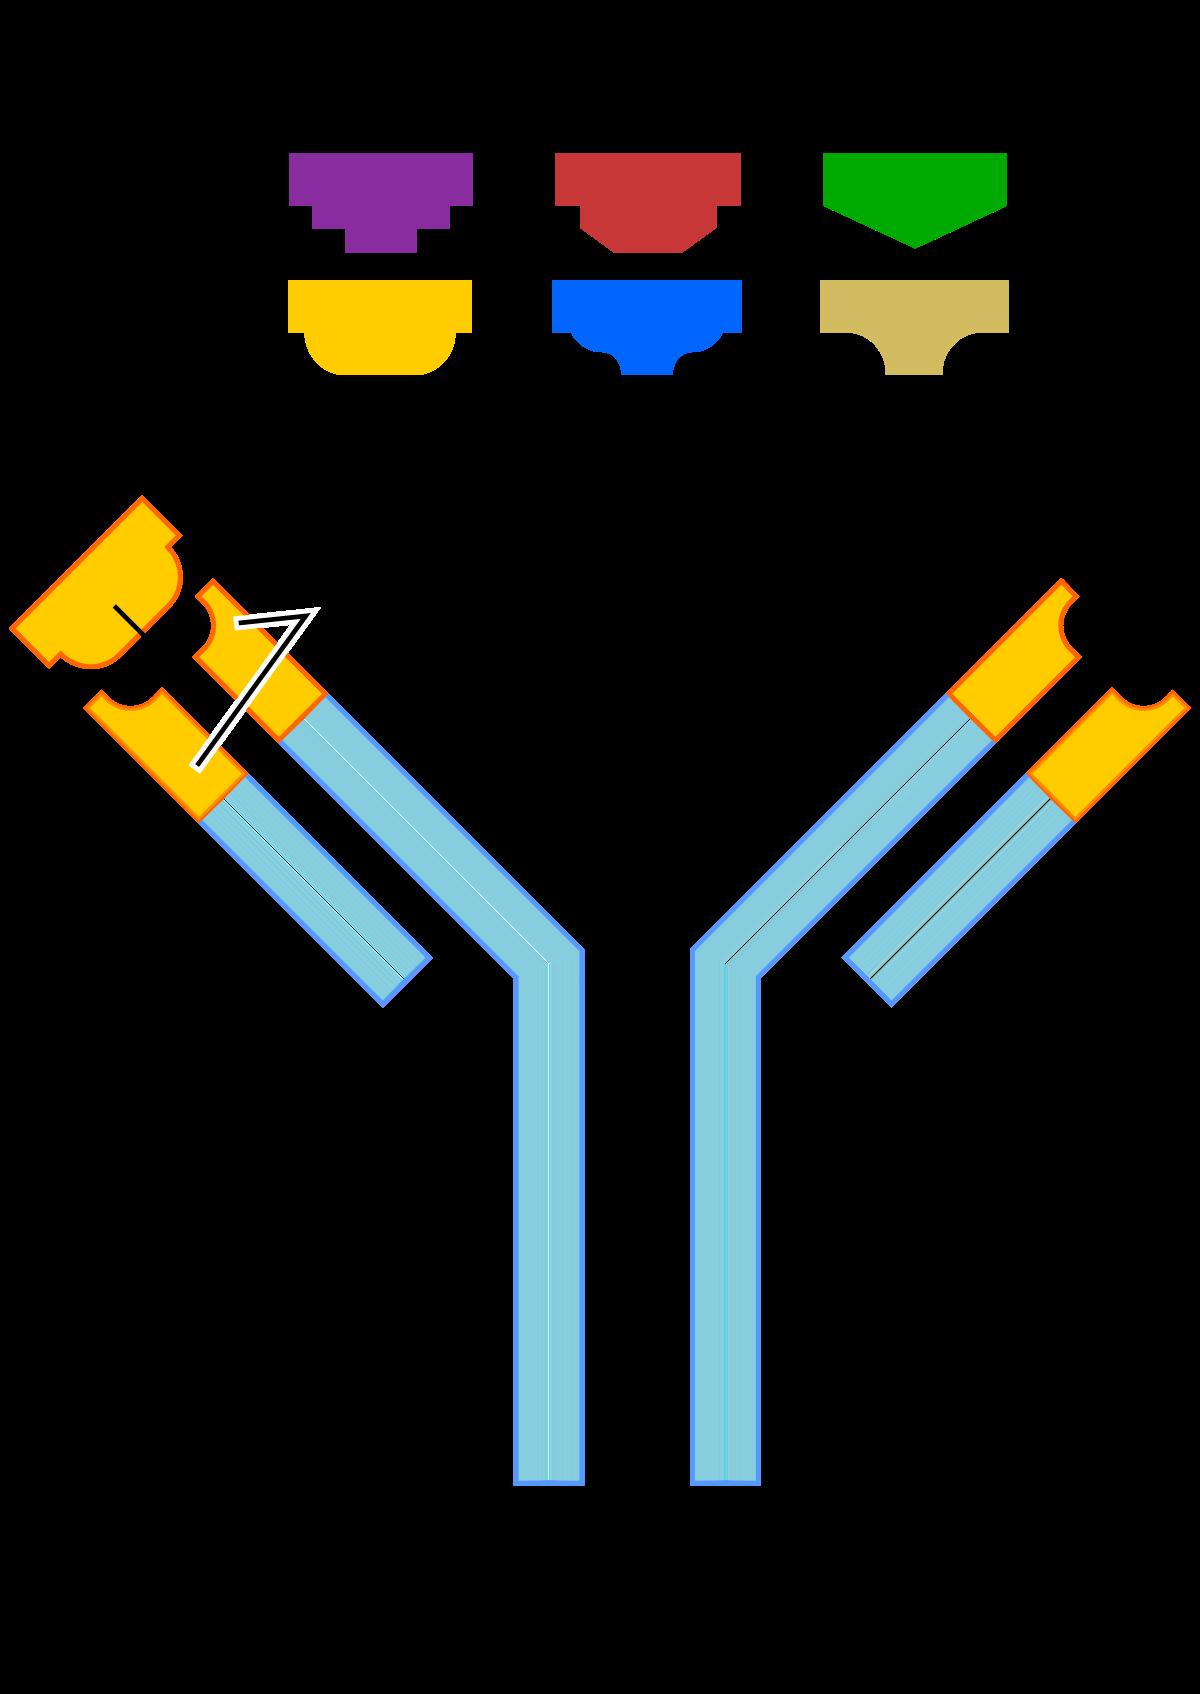 pikkelysömör kezelése monoklonális antitestekkel)